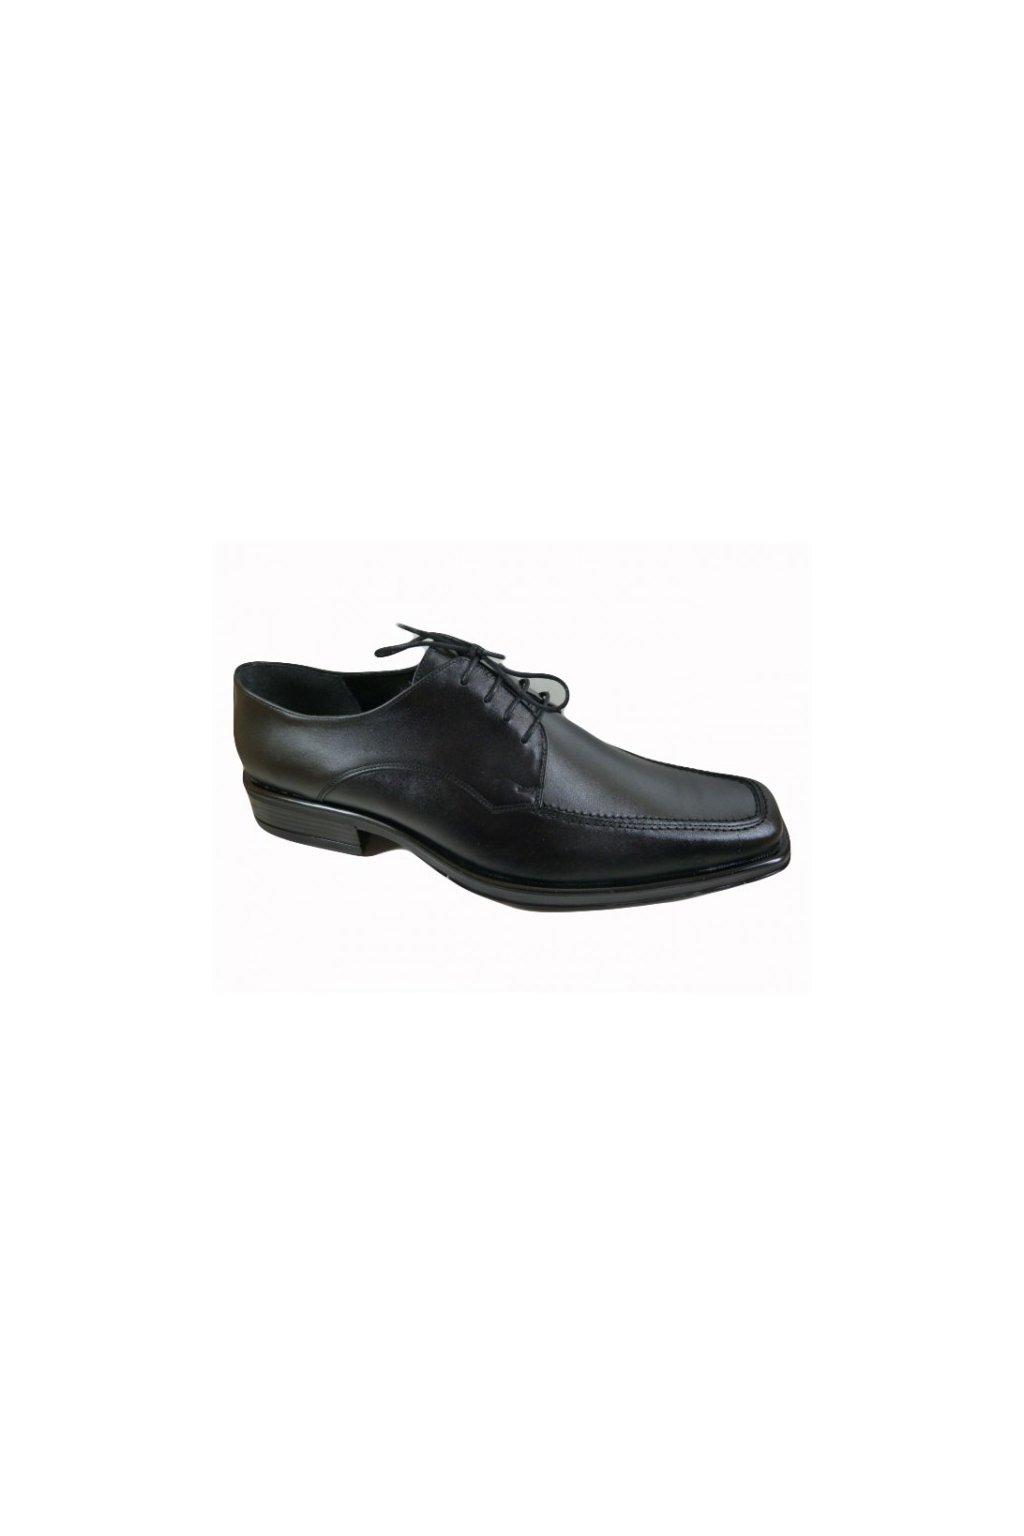 Pánská nadměrná obuv Hujo KZ 460